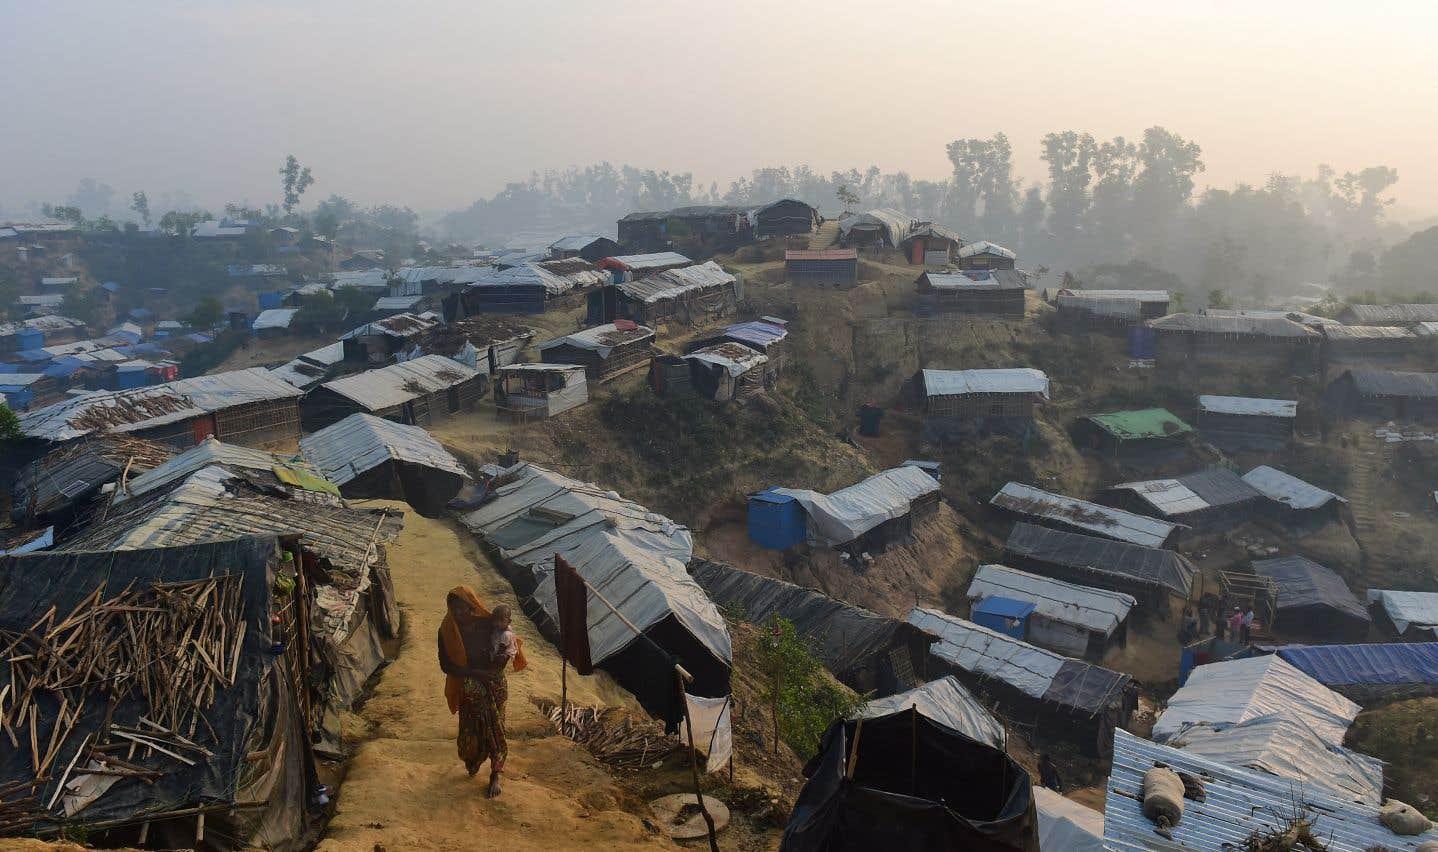 Dans le sud du Bangladesh, des camps de réfugiés rohingyas grands comme des villes sont sortis de terre en quelques semaines. Les conditions insalubres qui y règnent font redouter une catastrophe sanitaire.